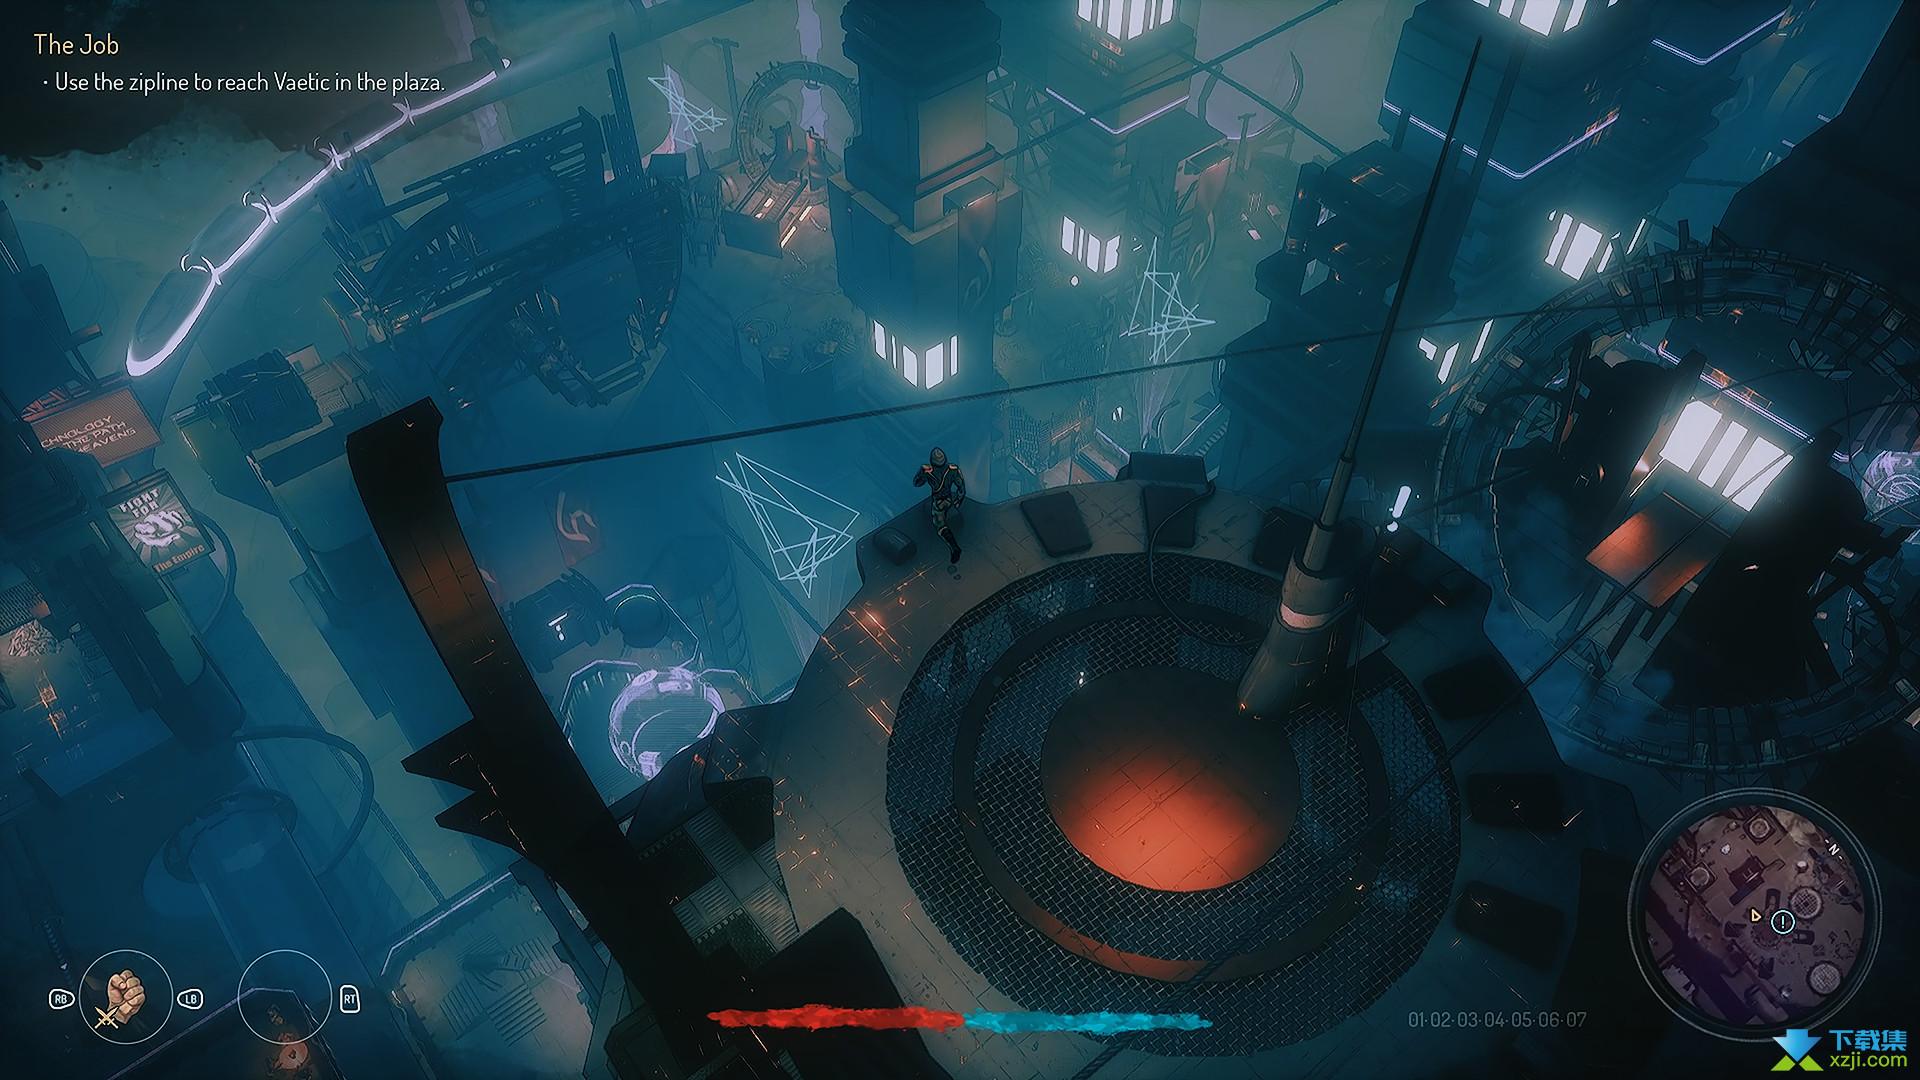 七增强版游戏界面